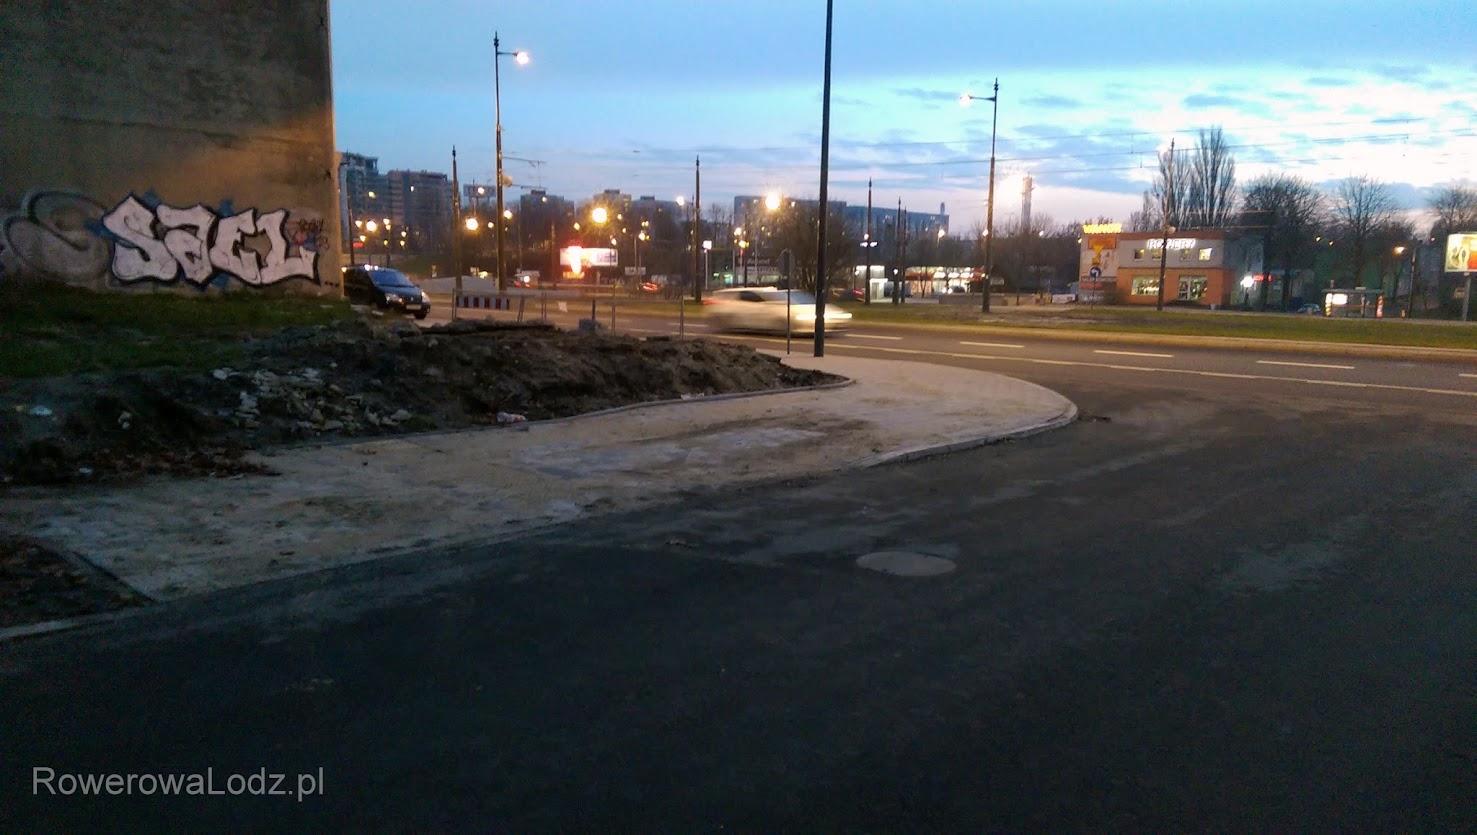 Jak widać, przejście dla pieszych przez tę małą uliczkę, odciągnięto od skrzyżowania.